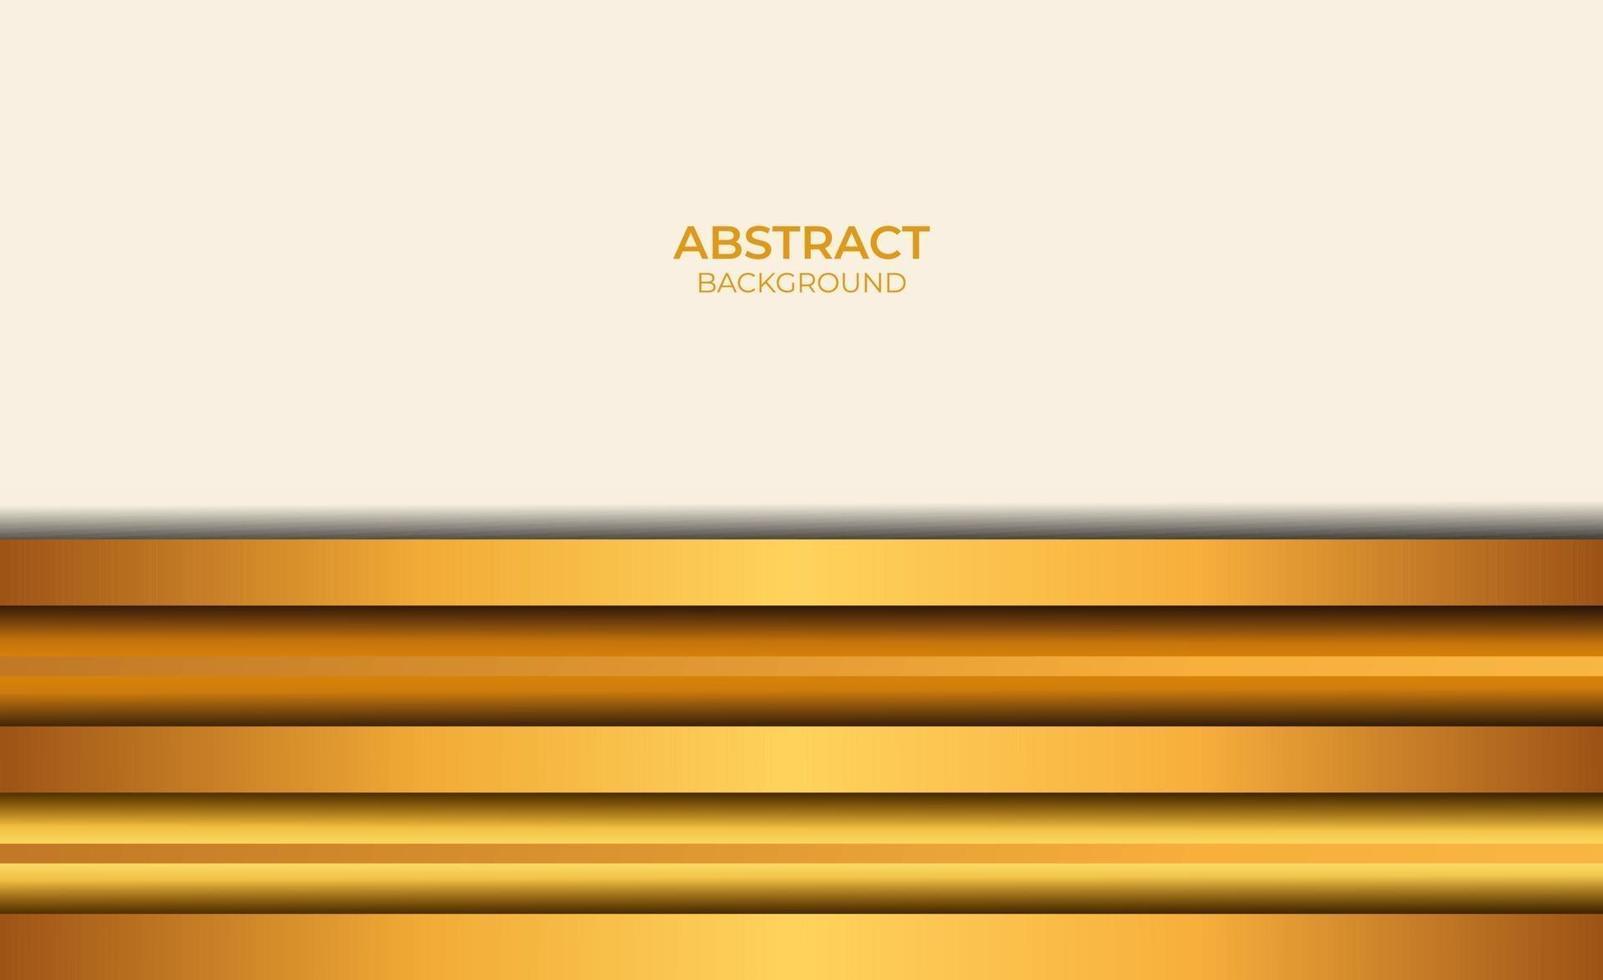 fond abstrait marron et or vecteur